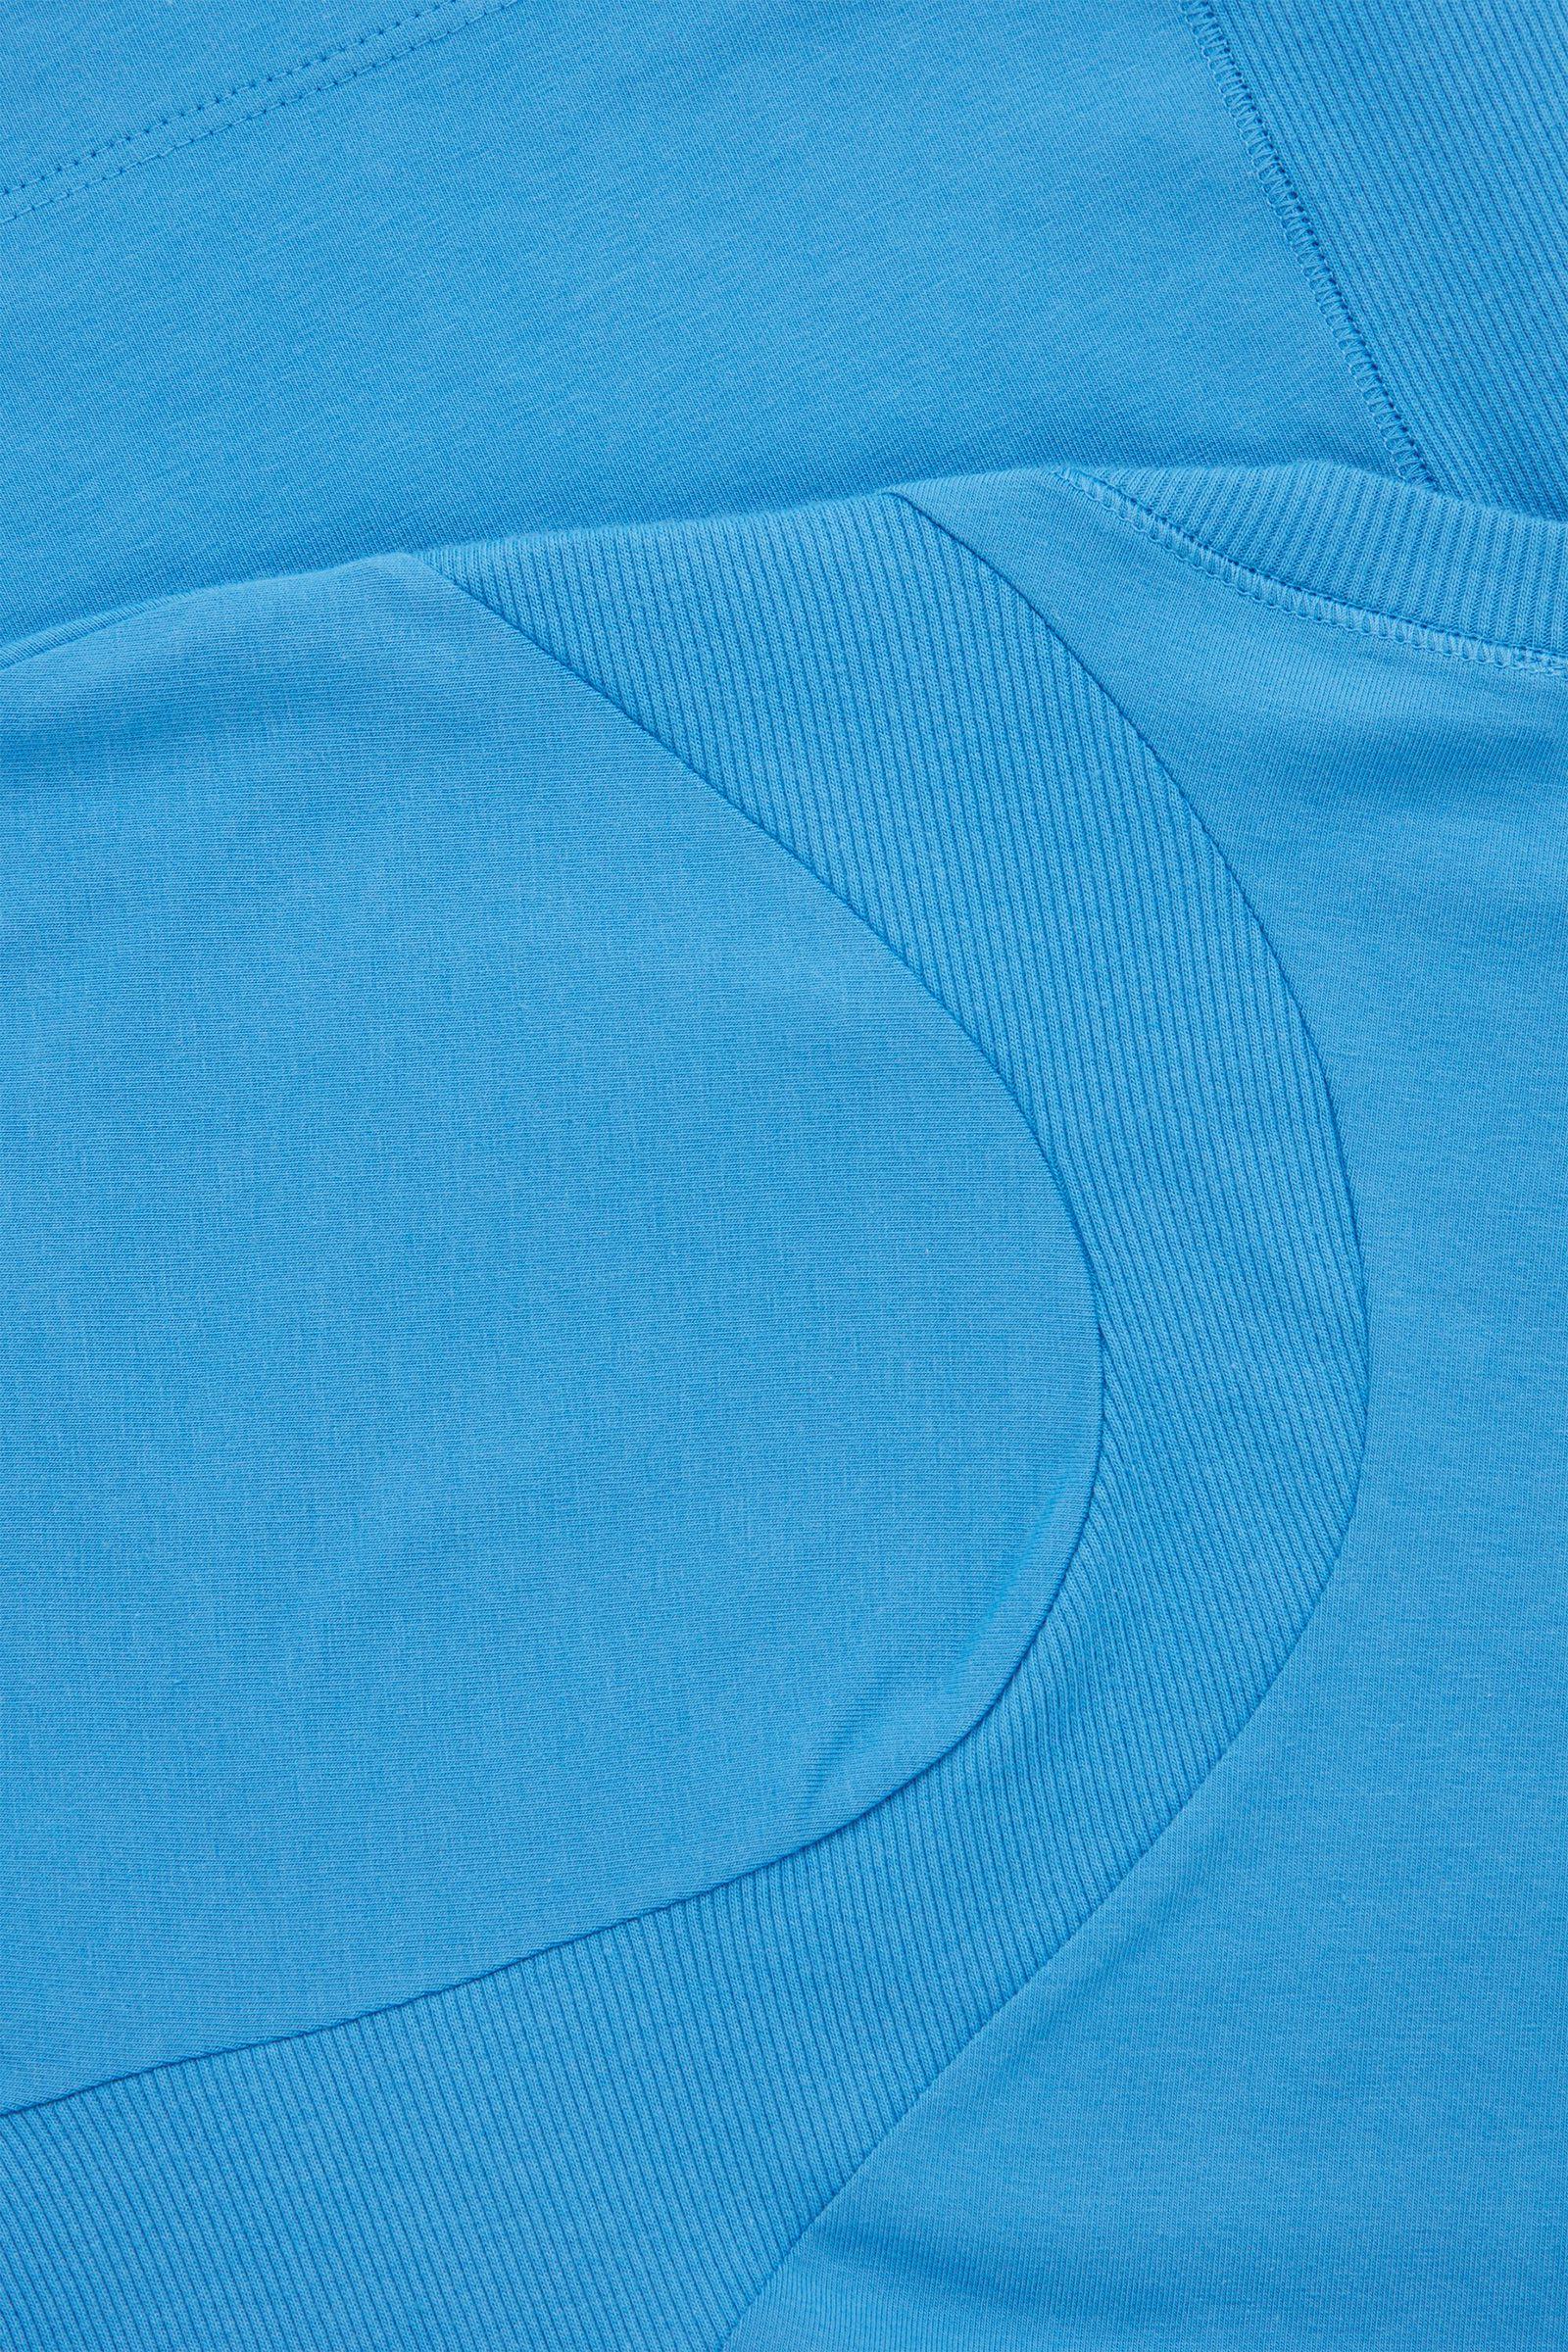 COS 슬림핏 오가닉 코튼 컨투어드 탑의 블루컬러 Detail입니다.